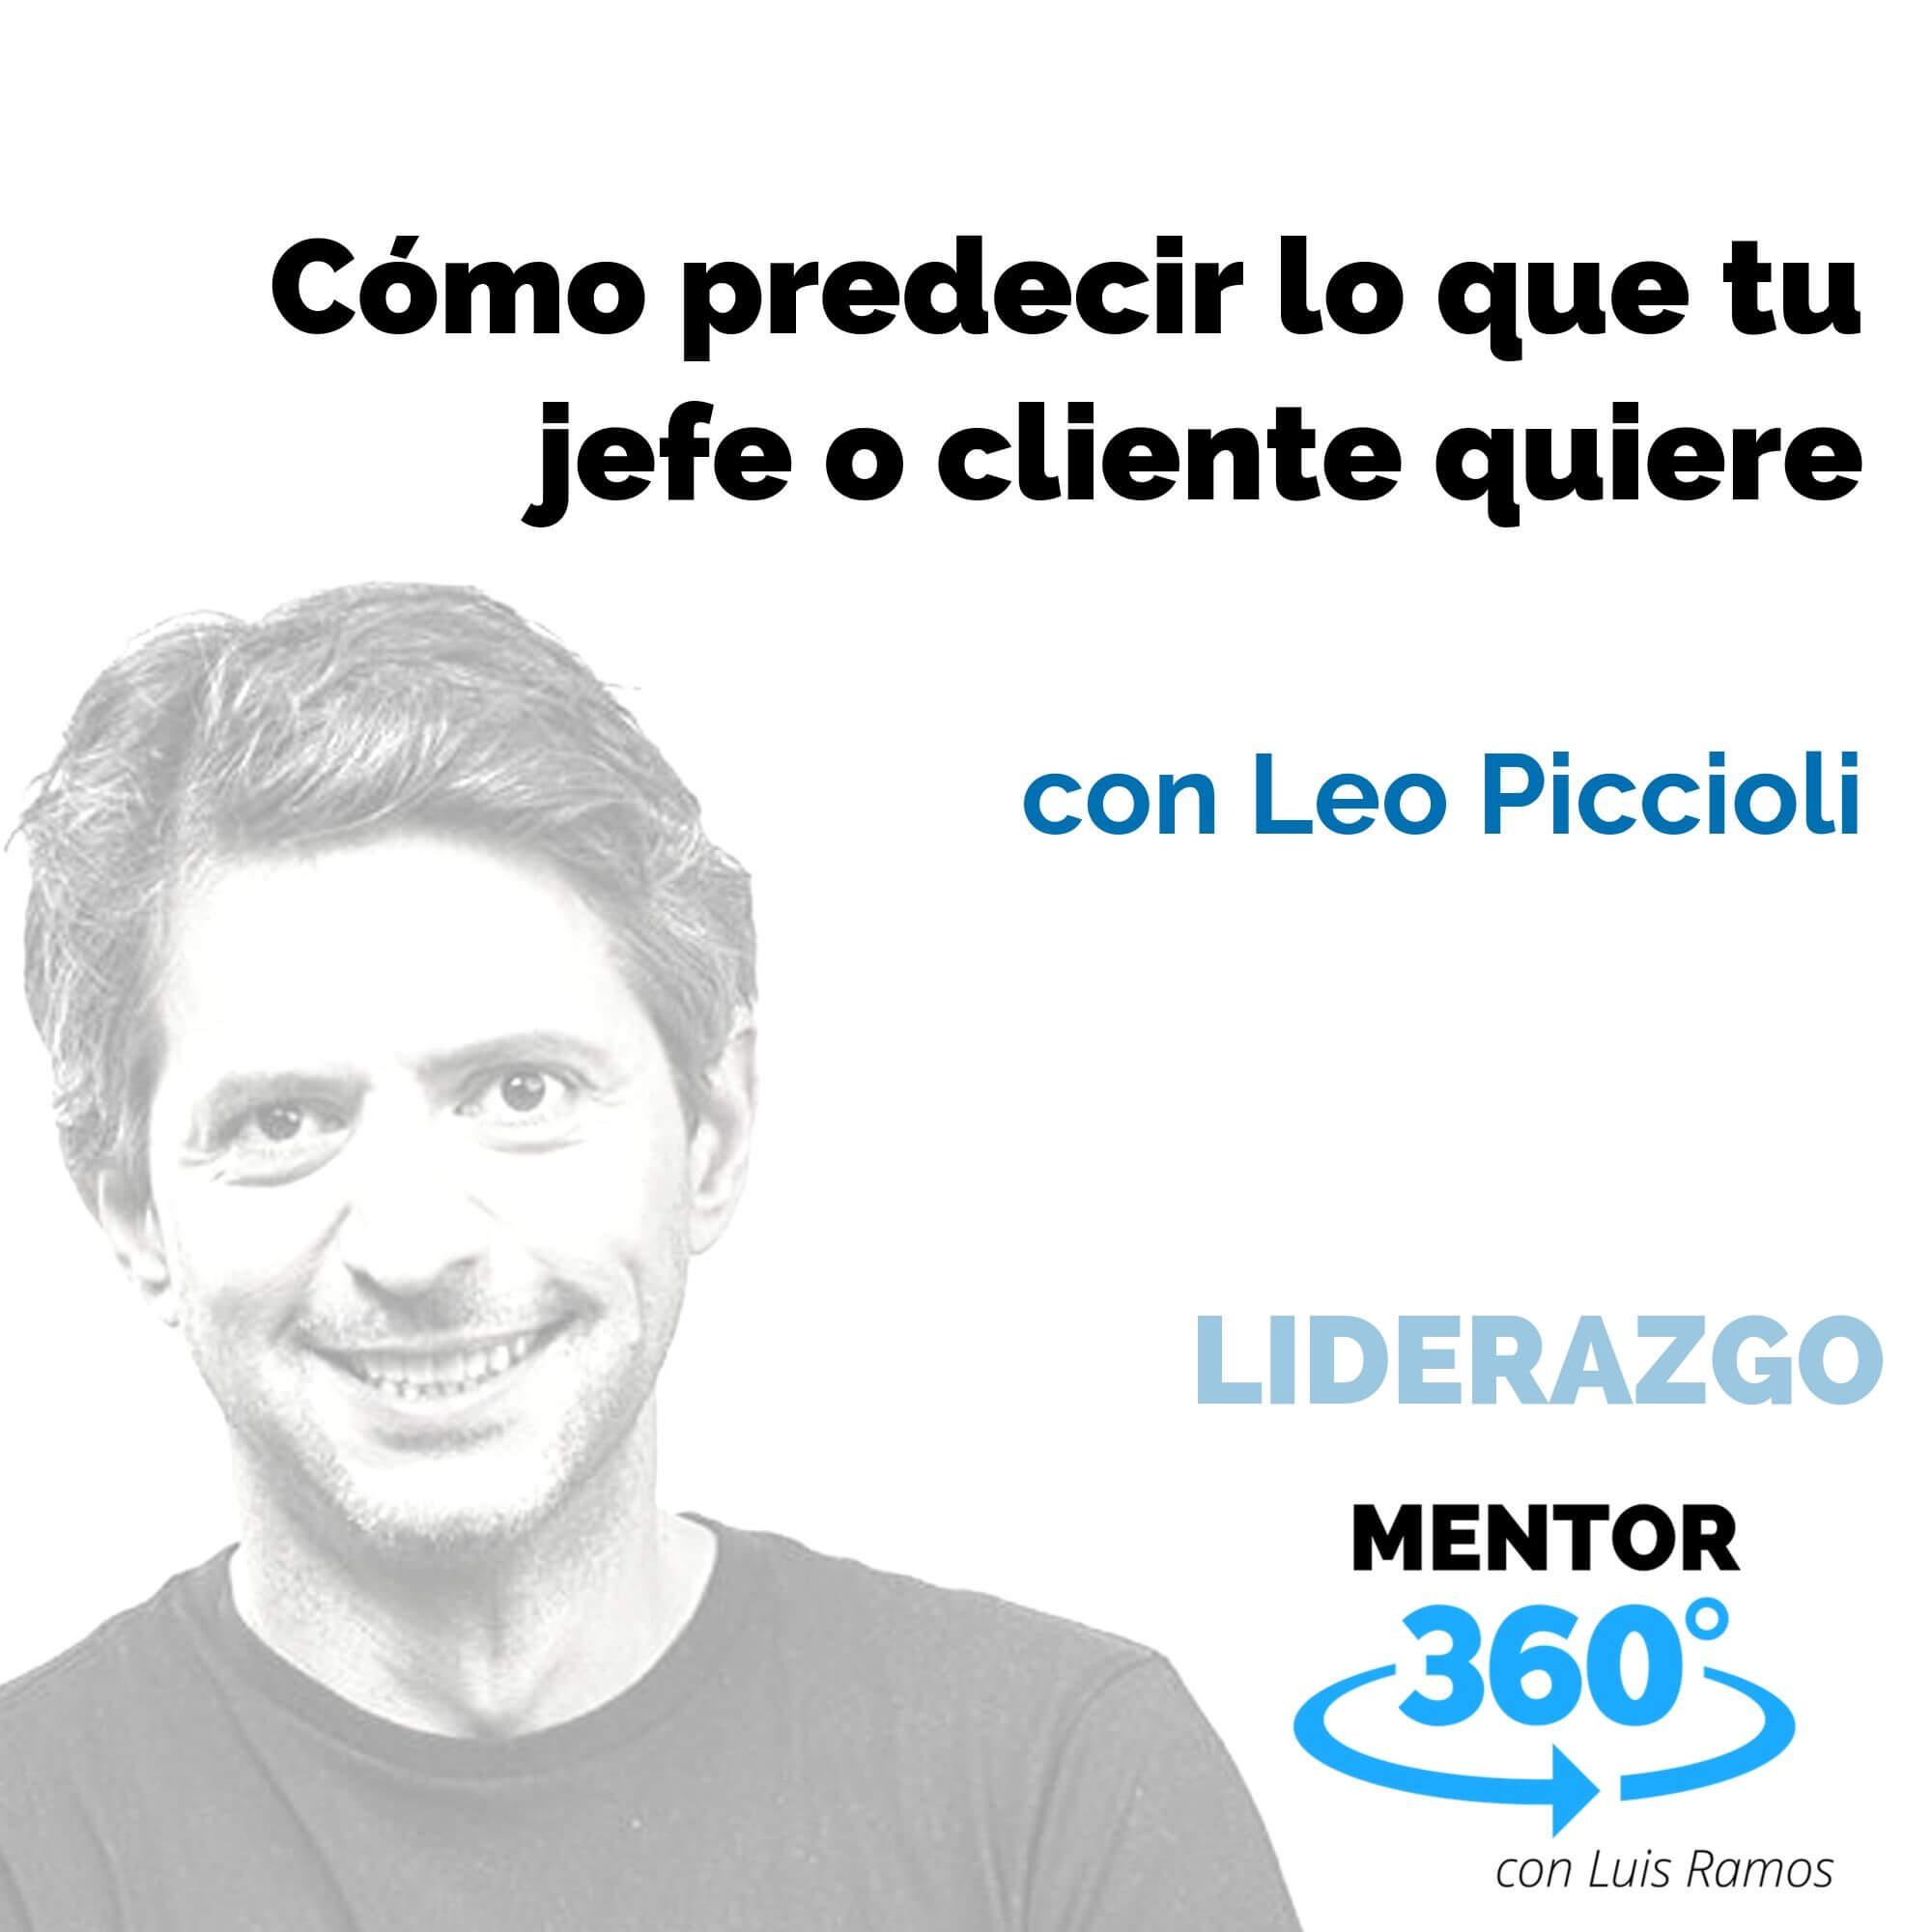 Cómo predecir lo que tu jefe o cliente quiere, con Leo Piccioli - LIDERAZGO